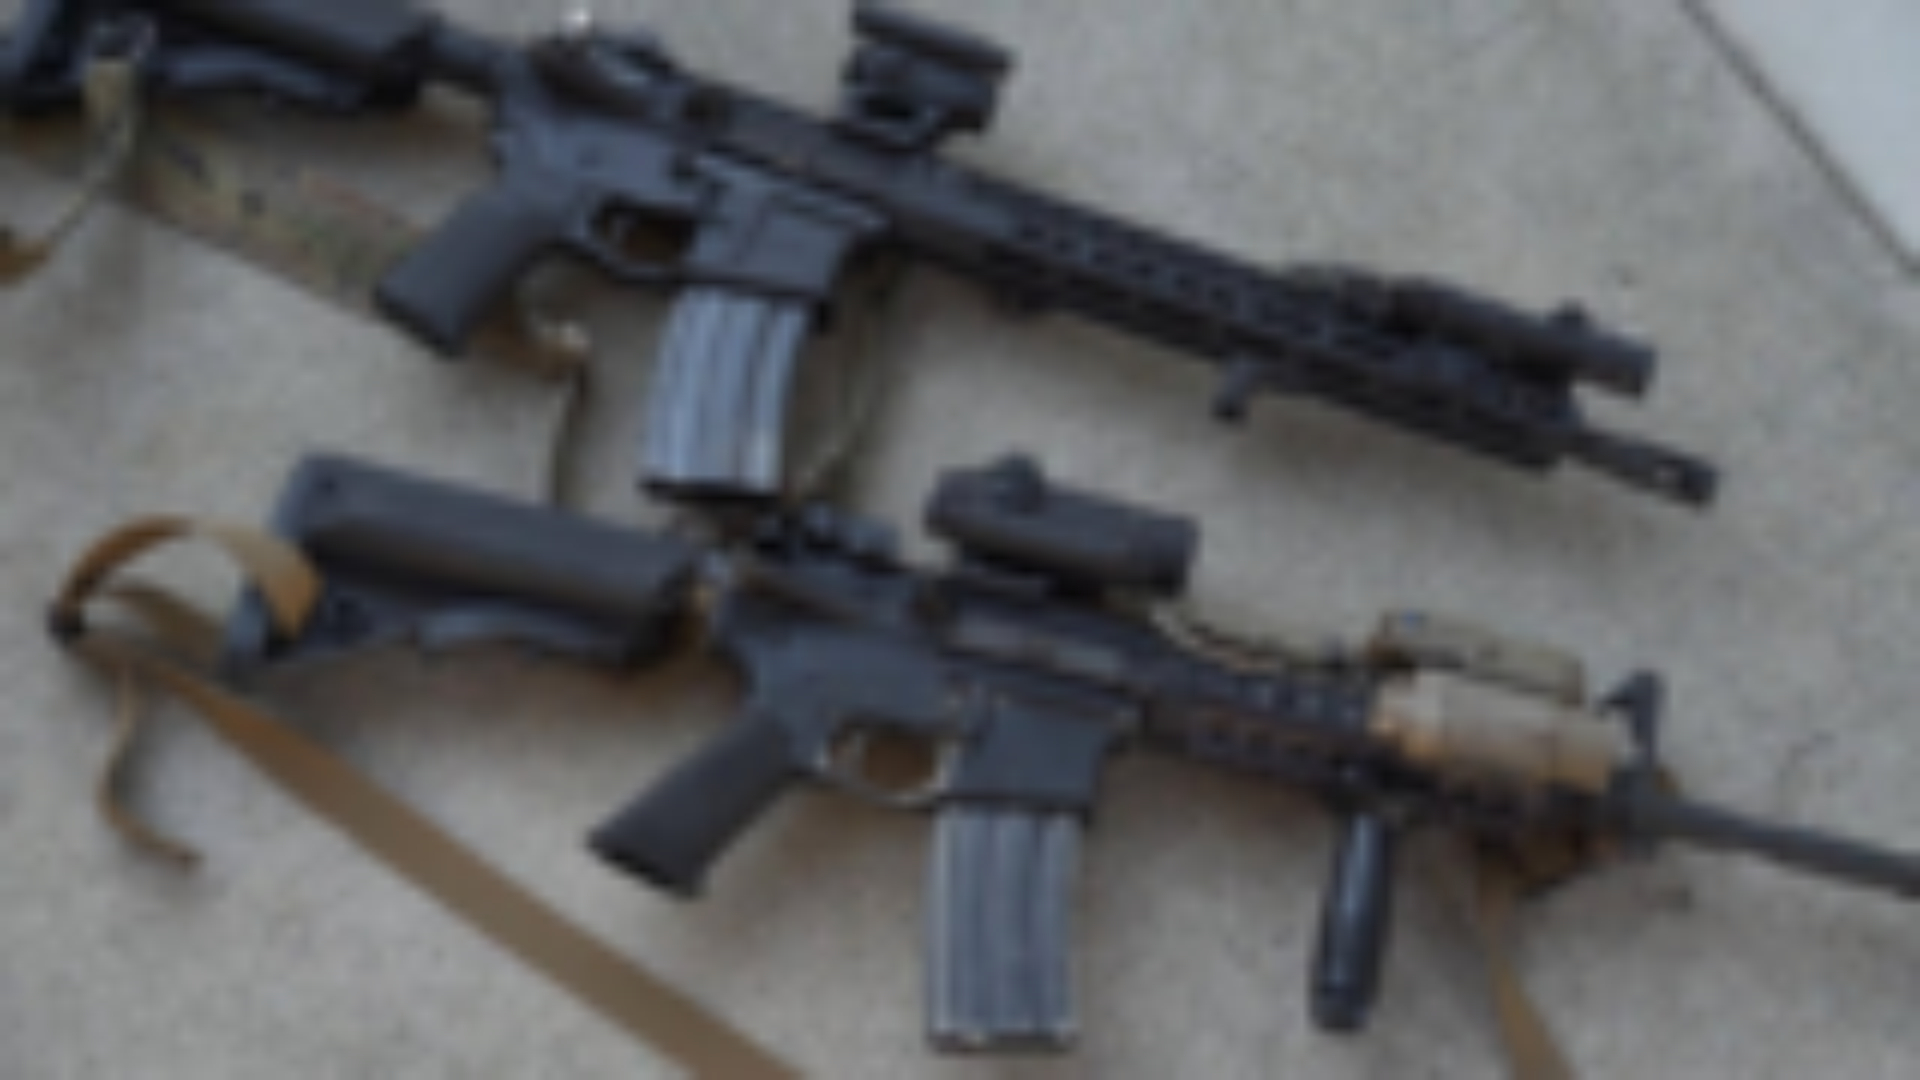 军用 M4 vs  高端民用版本 AR15